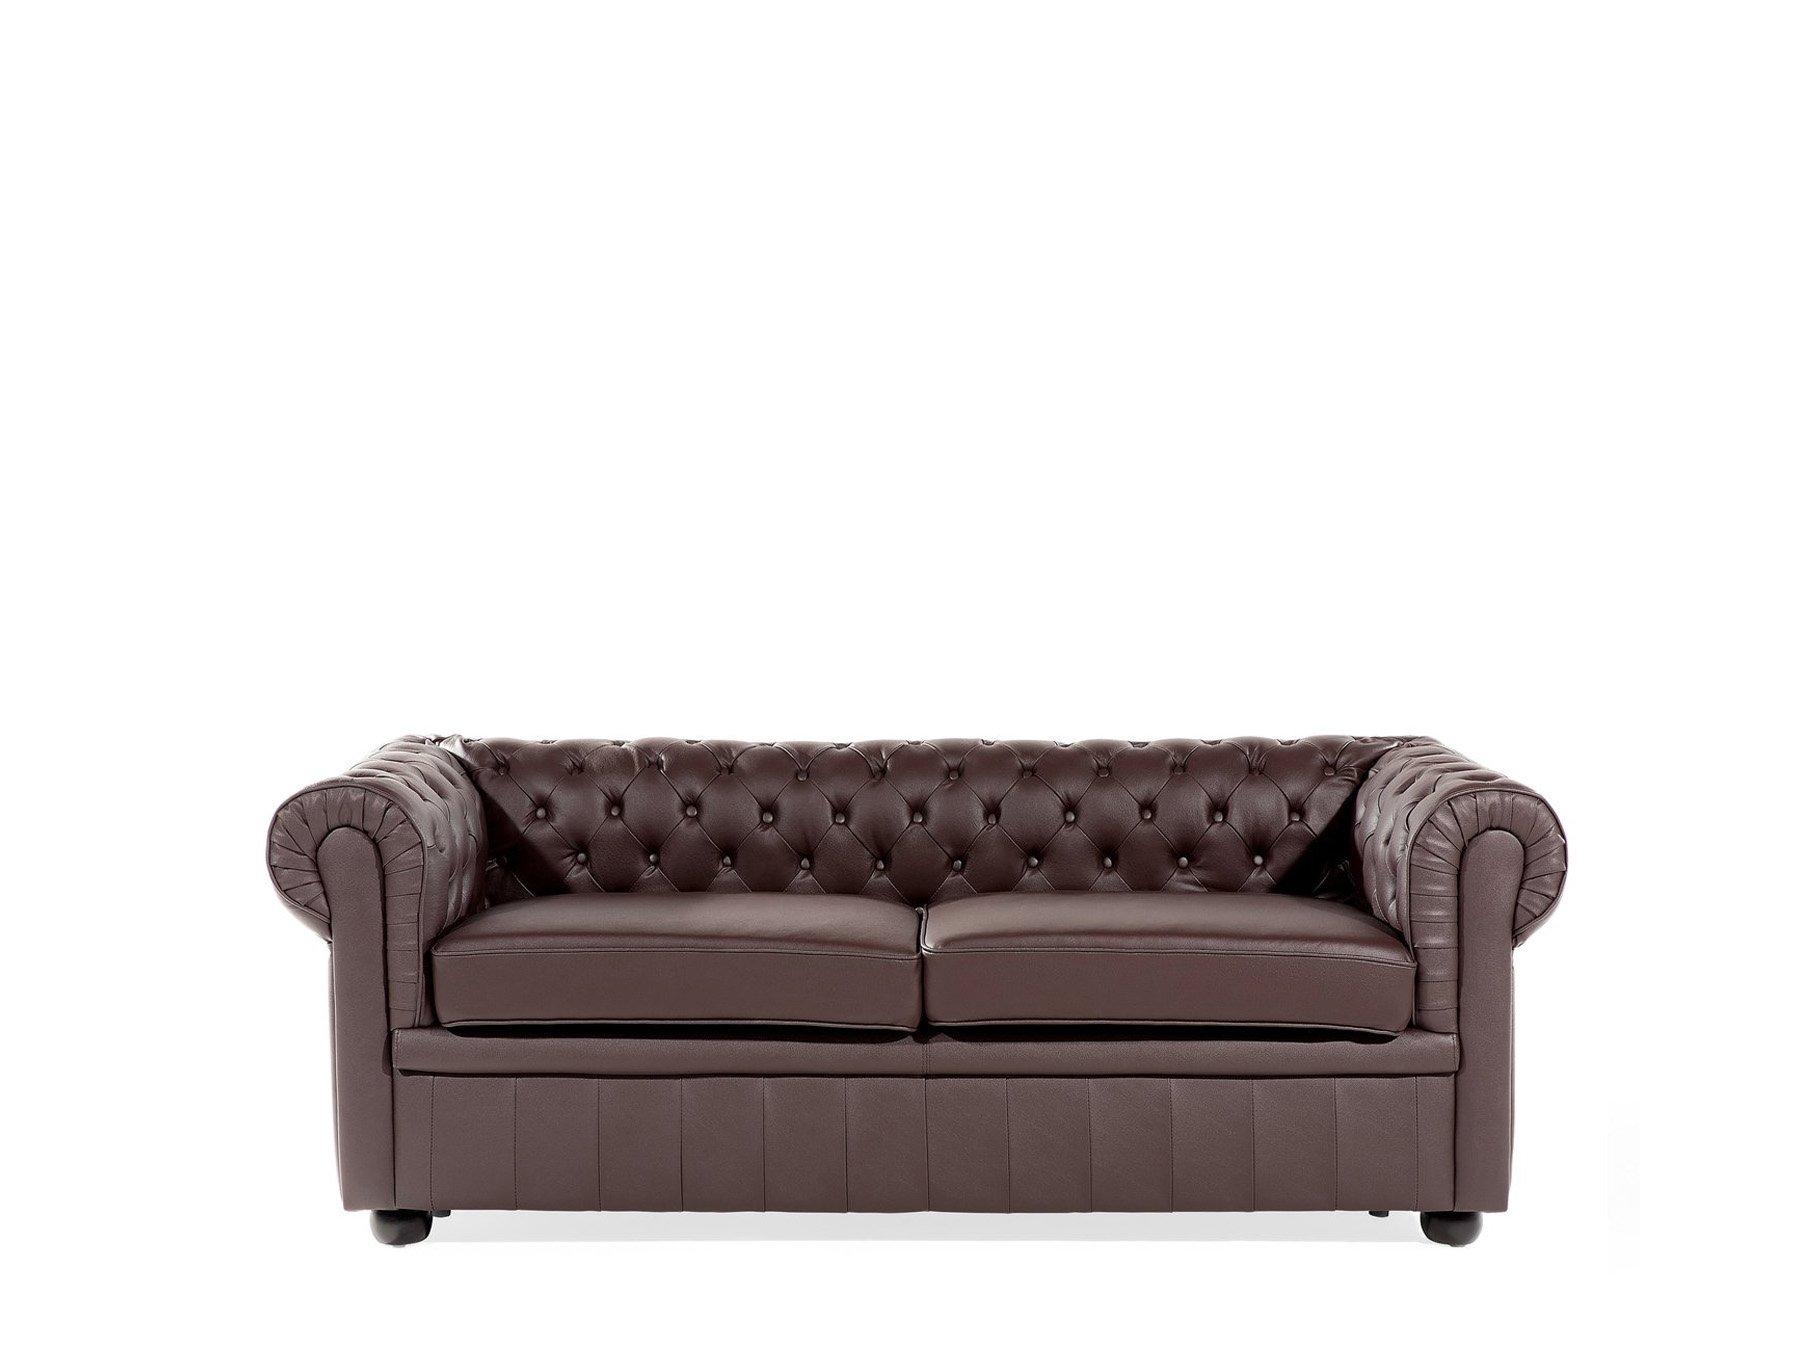 Full Size of Sofa Auf Raten Rechnung Ohne Schufa Bestellen Trotz Ratenkauf Online Big Kaufen Couch Leder Braun Chesterfield Belianide In L Form Poco Microfaser Bett Hamburg Sofa Sofa Auf Raten